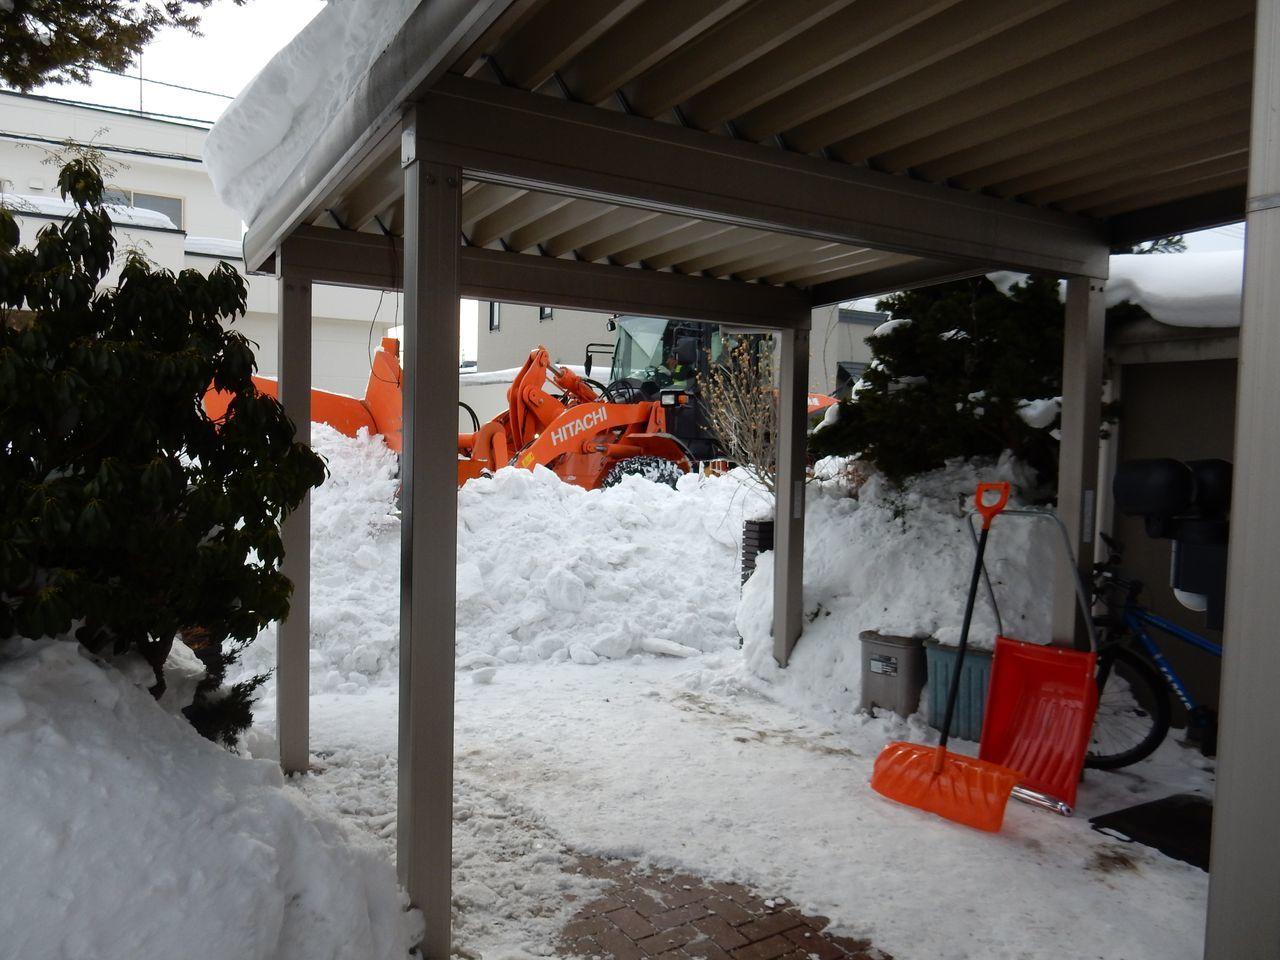 ようやく排雪チューズデー_c0025115_21580765.jpg